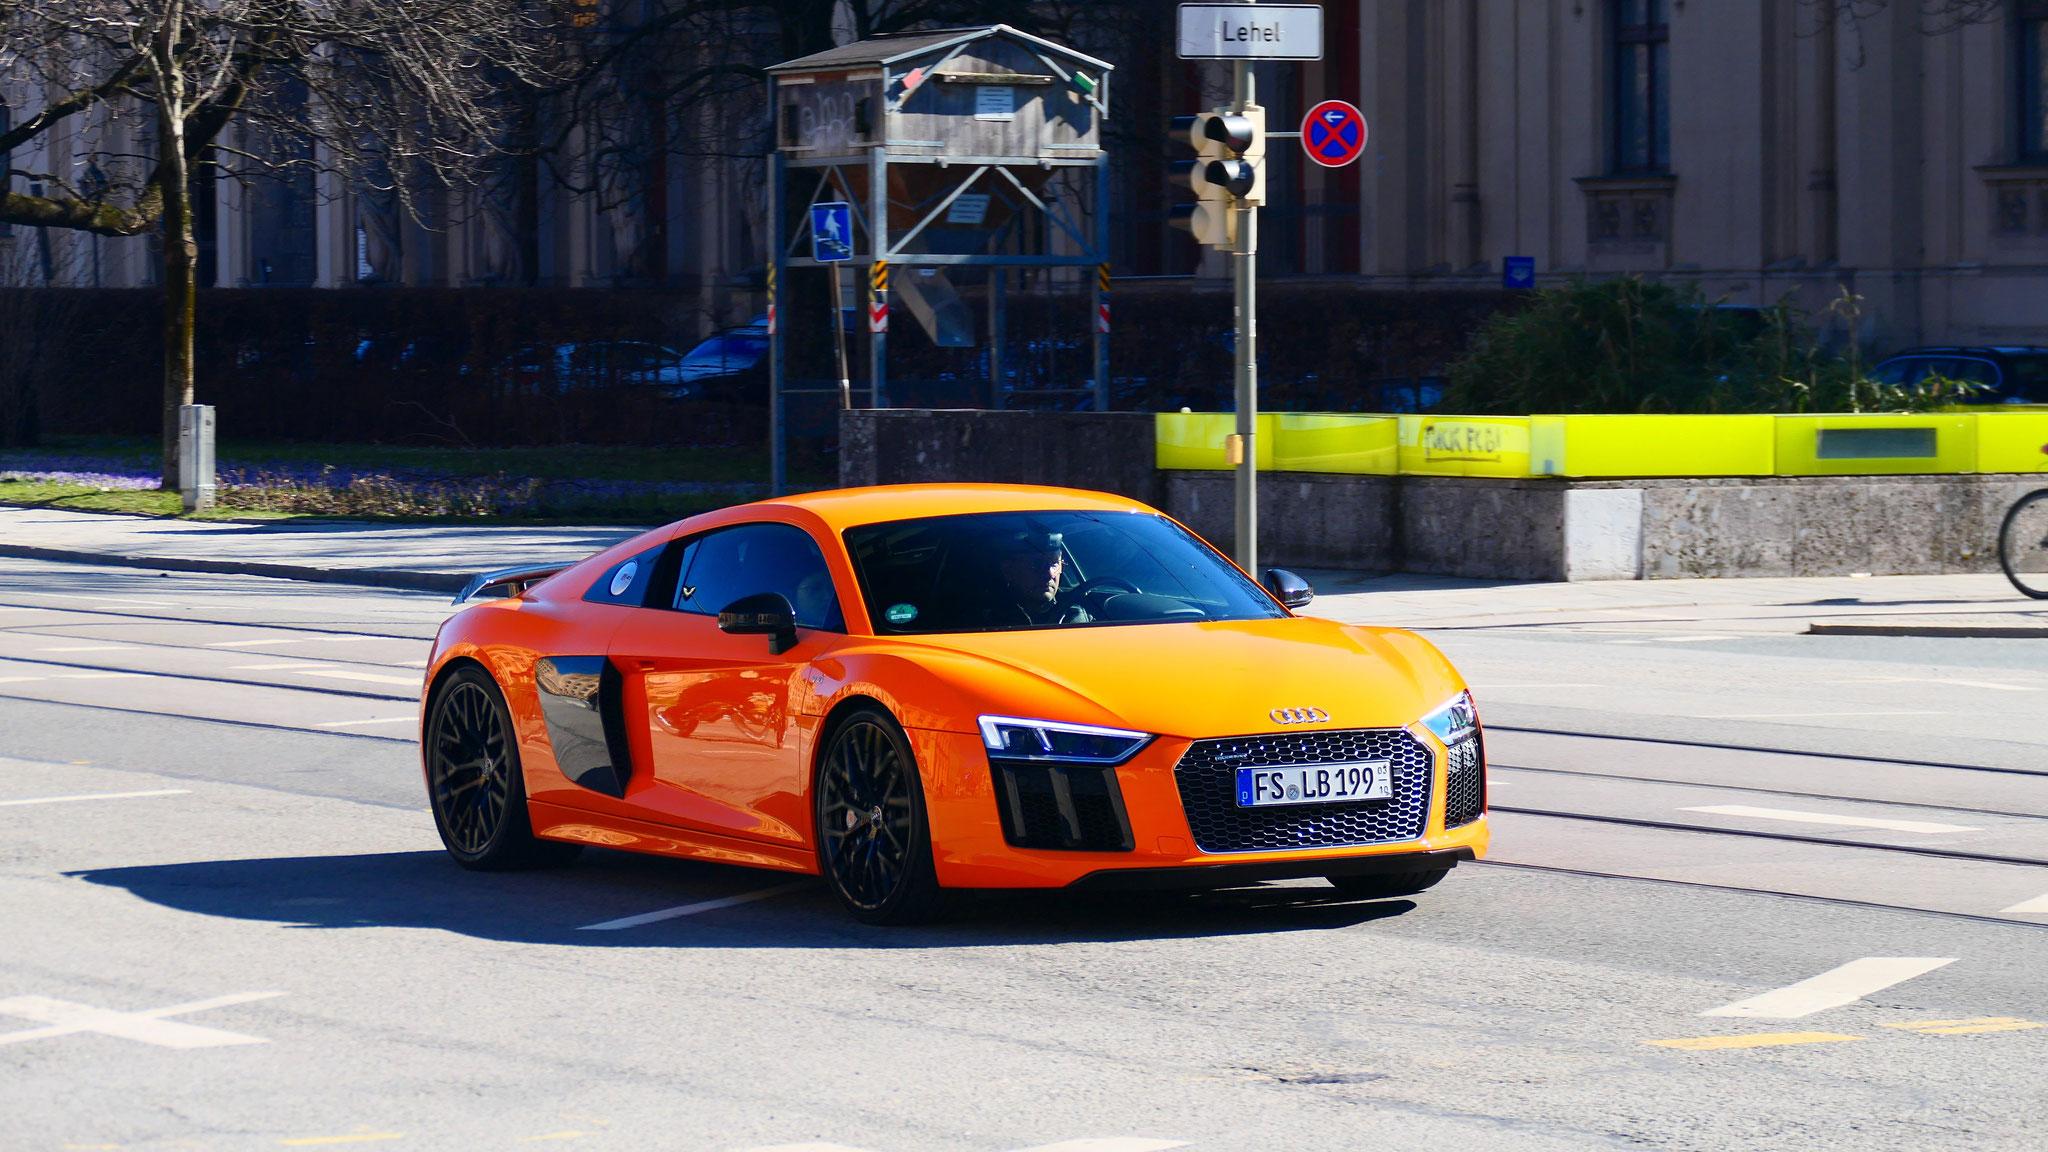 Audi R8 V10 - FS-LB-199